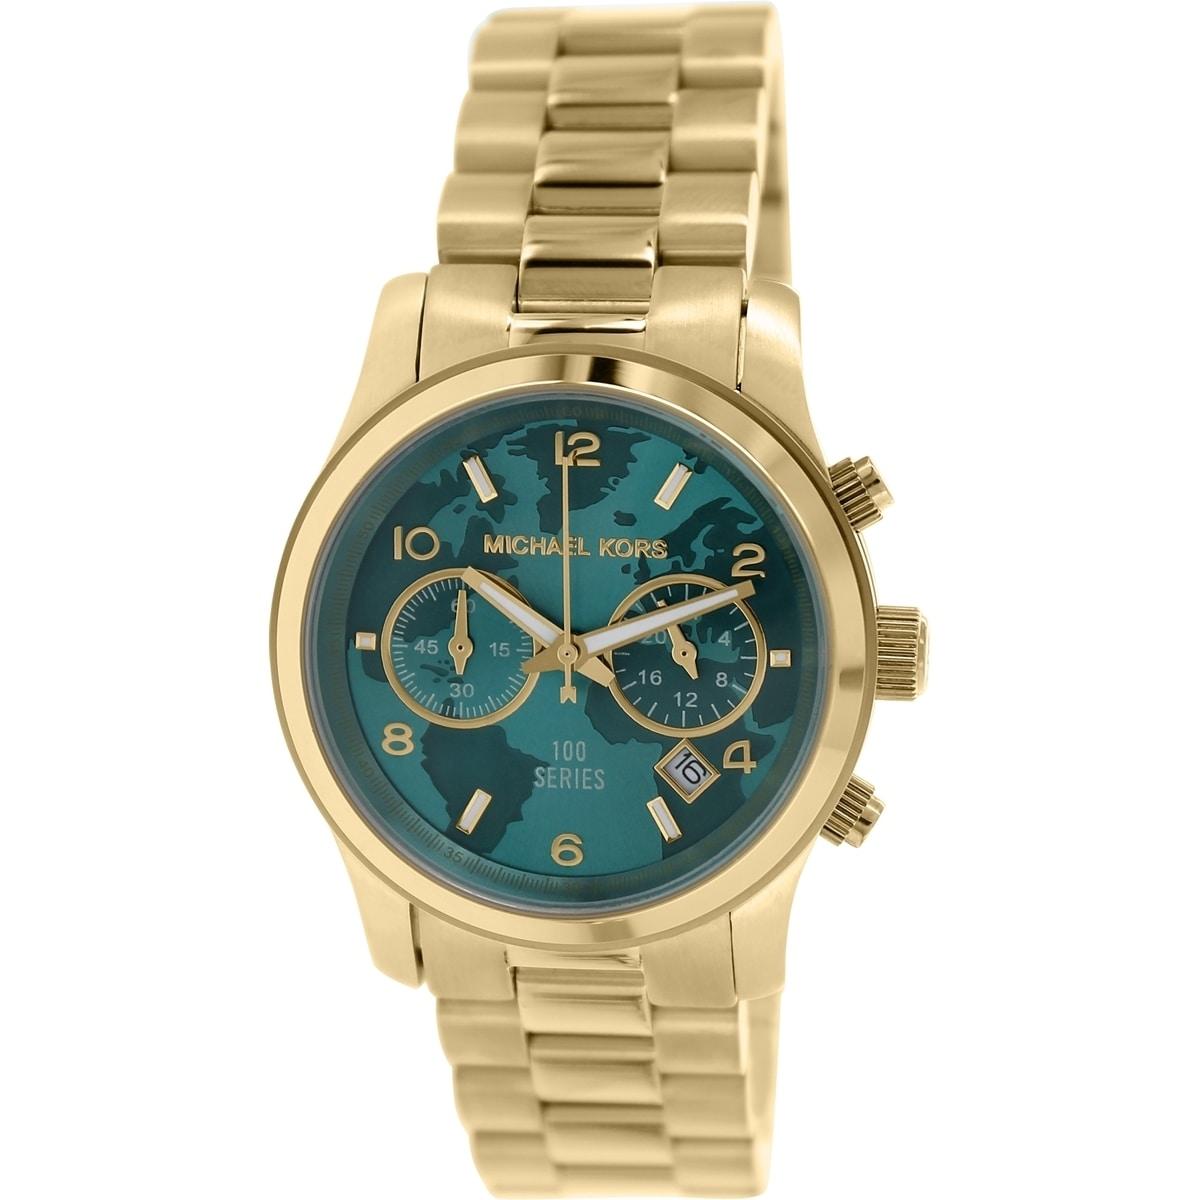 Michael Kors Womens Hunger Stop  Gold Stainless Steel Quartz Watch MK5815